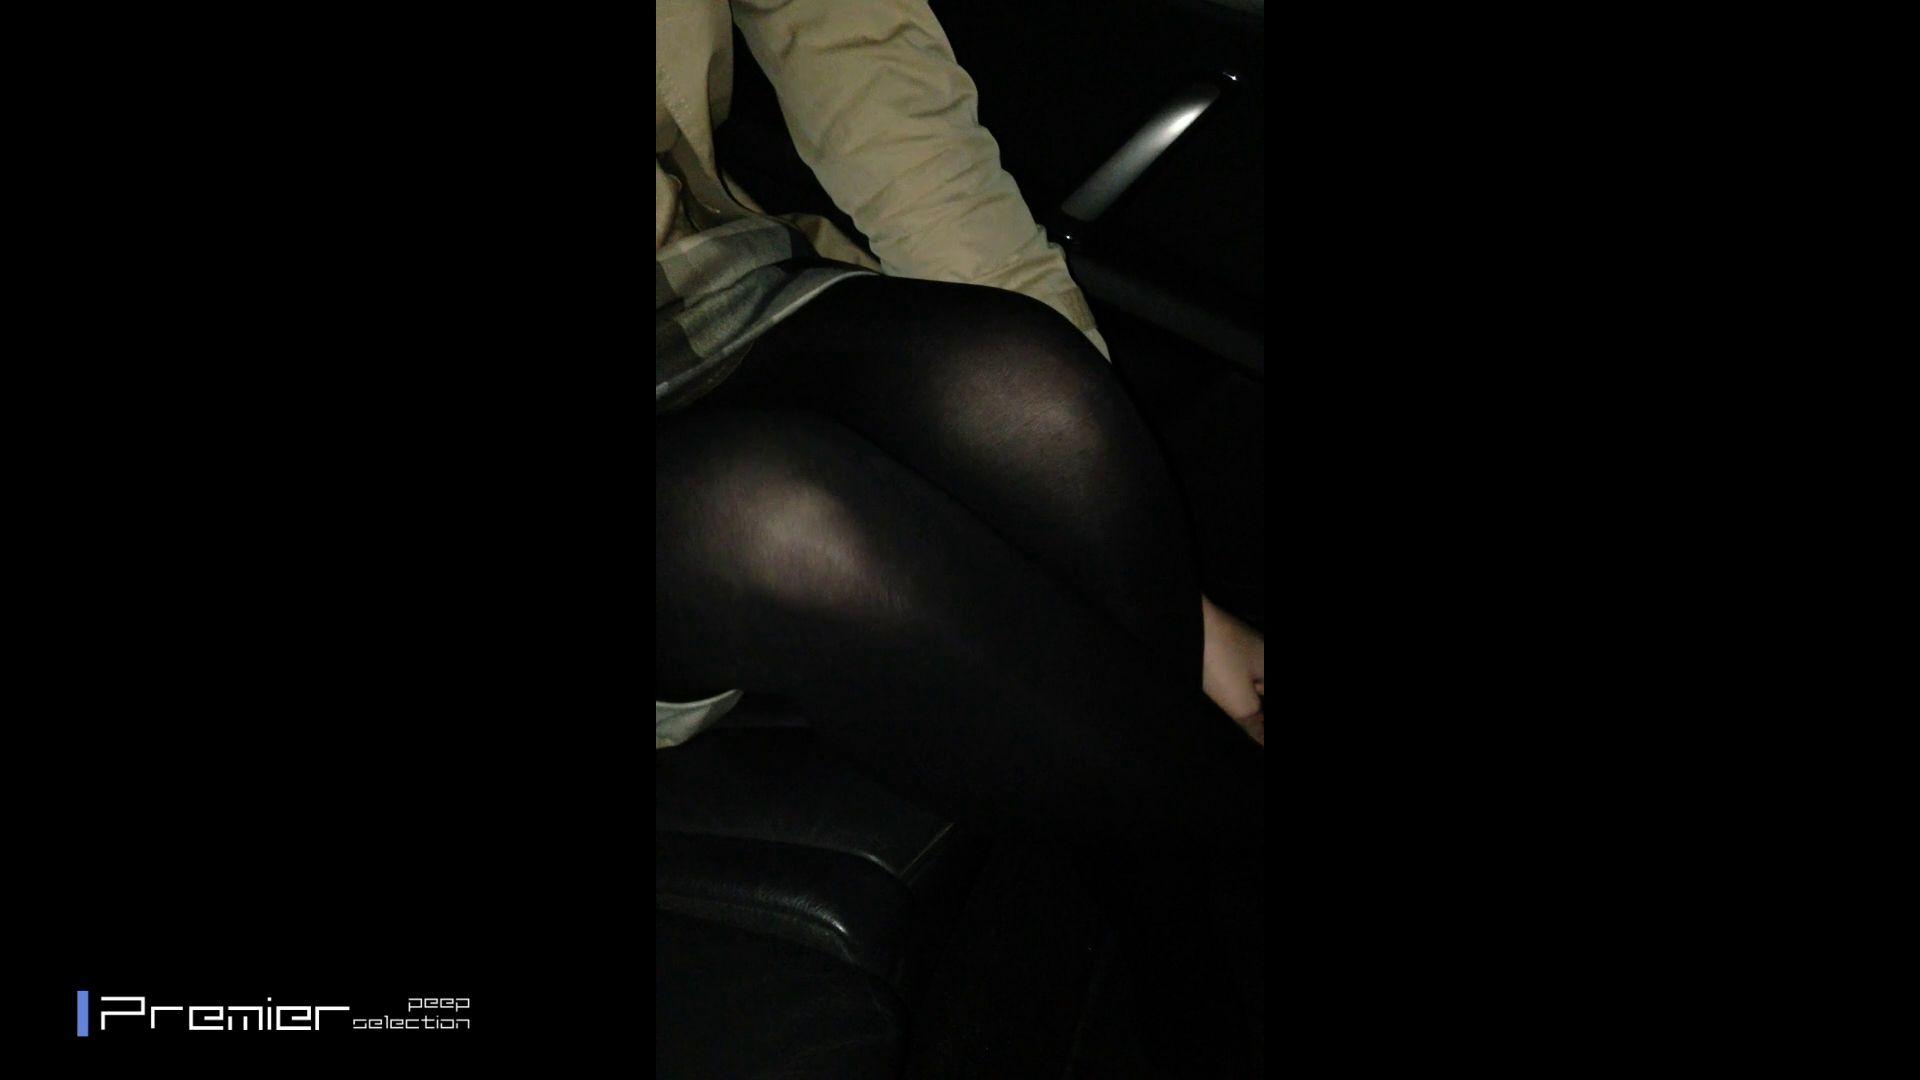 【ガチ交渉】20 歳の清楚系女子大生のアソコを弄る 高画質 盗撮エロ画像 79pic 23